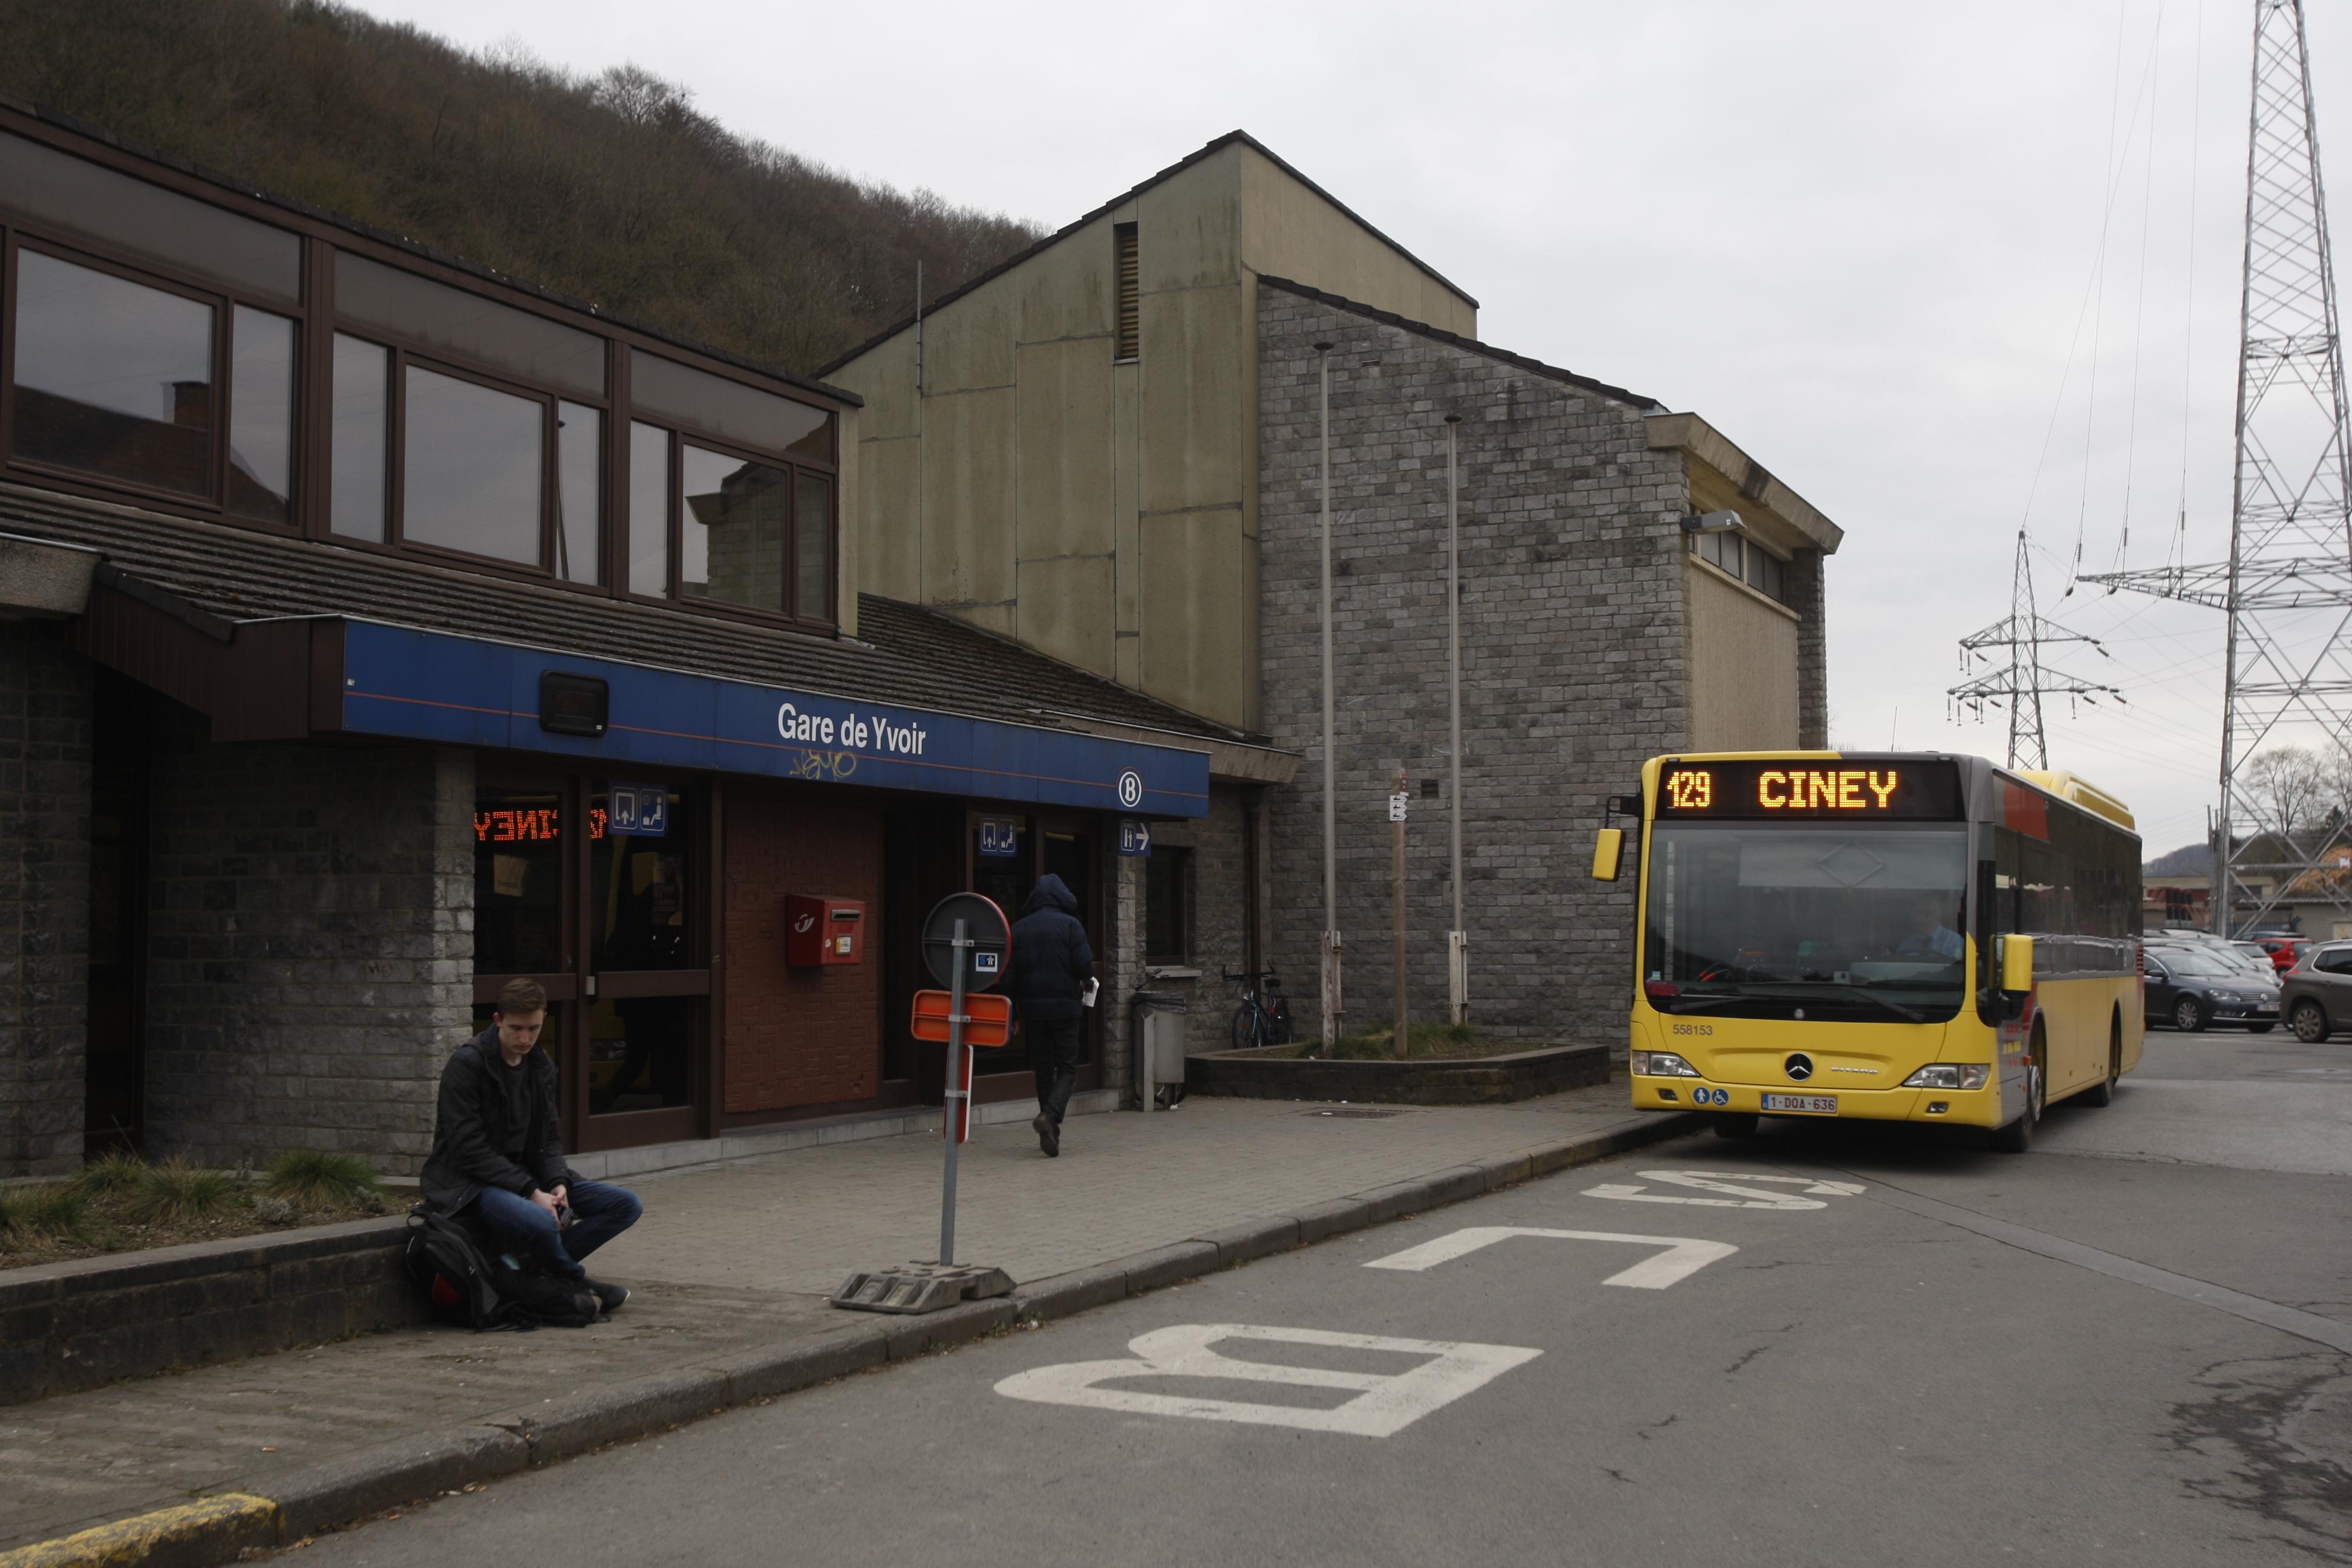 Station Yvoir